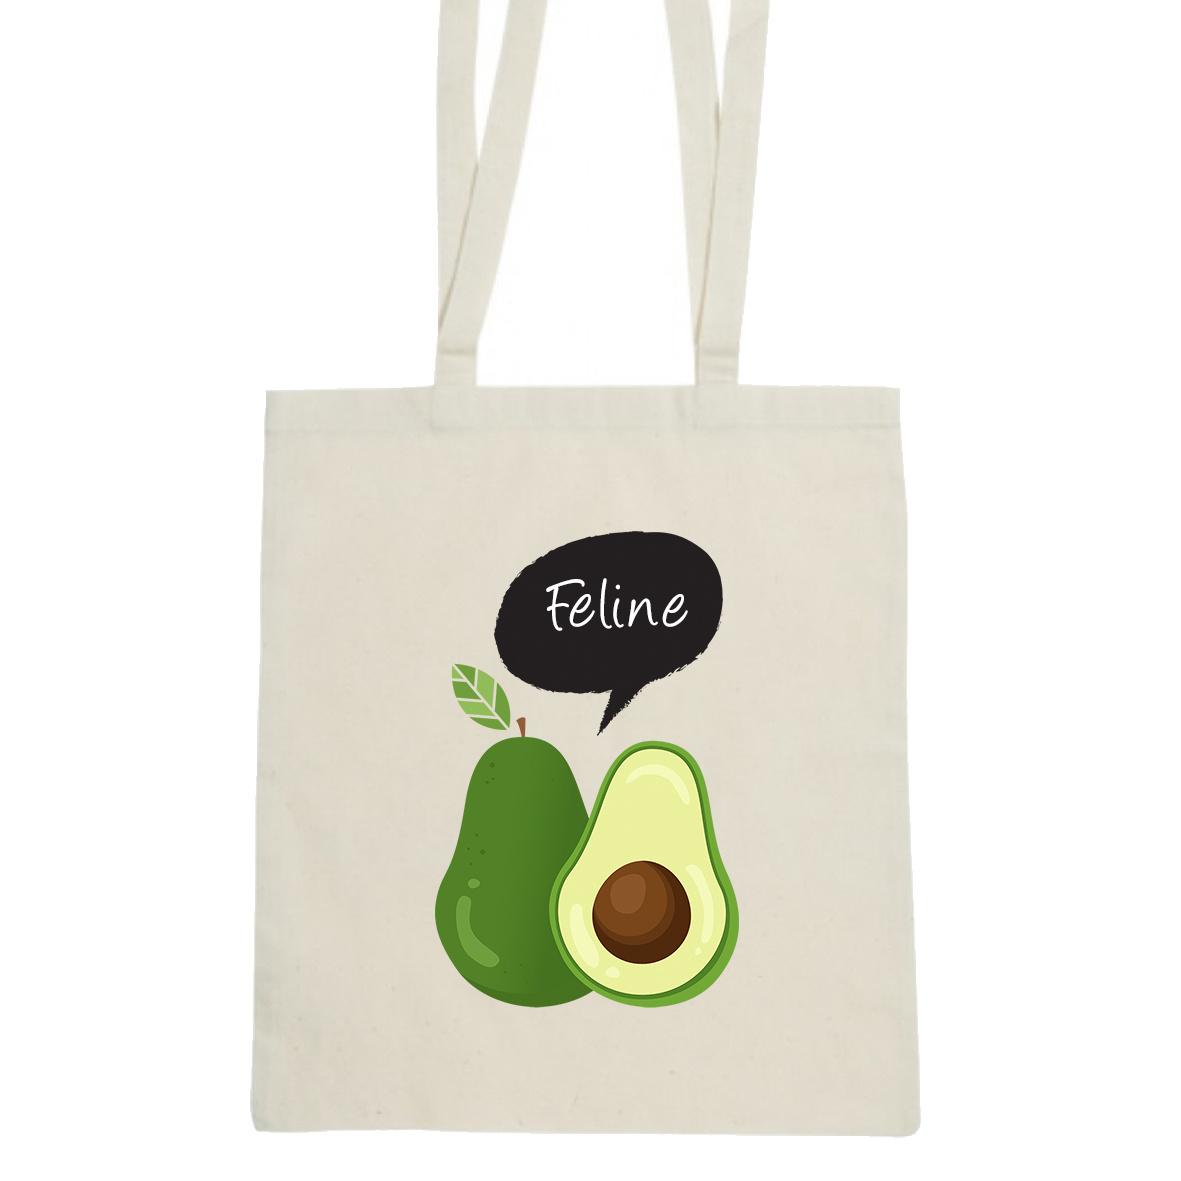 Avocado tas met naam